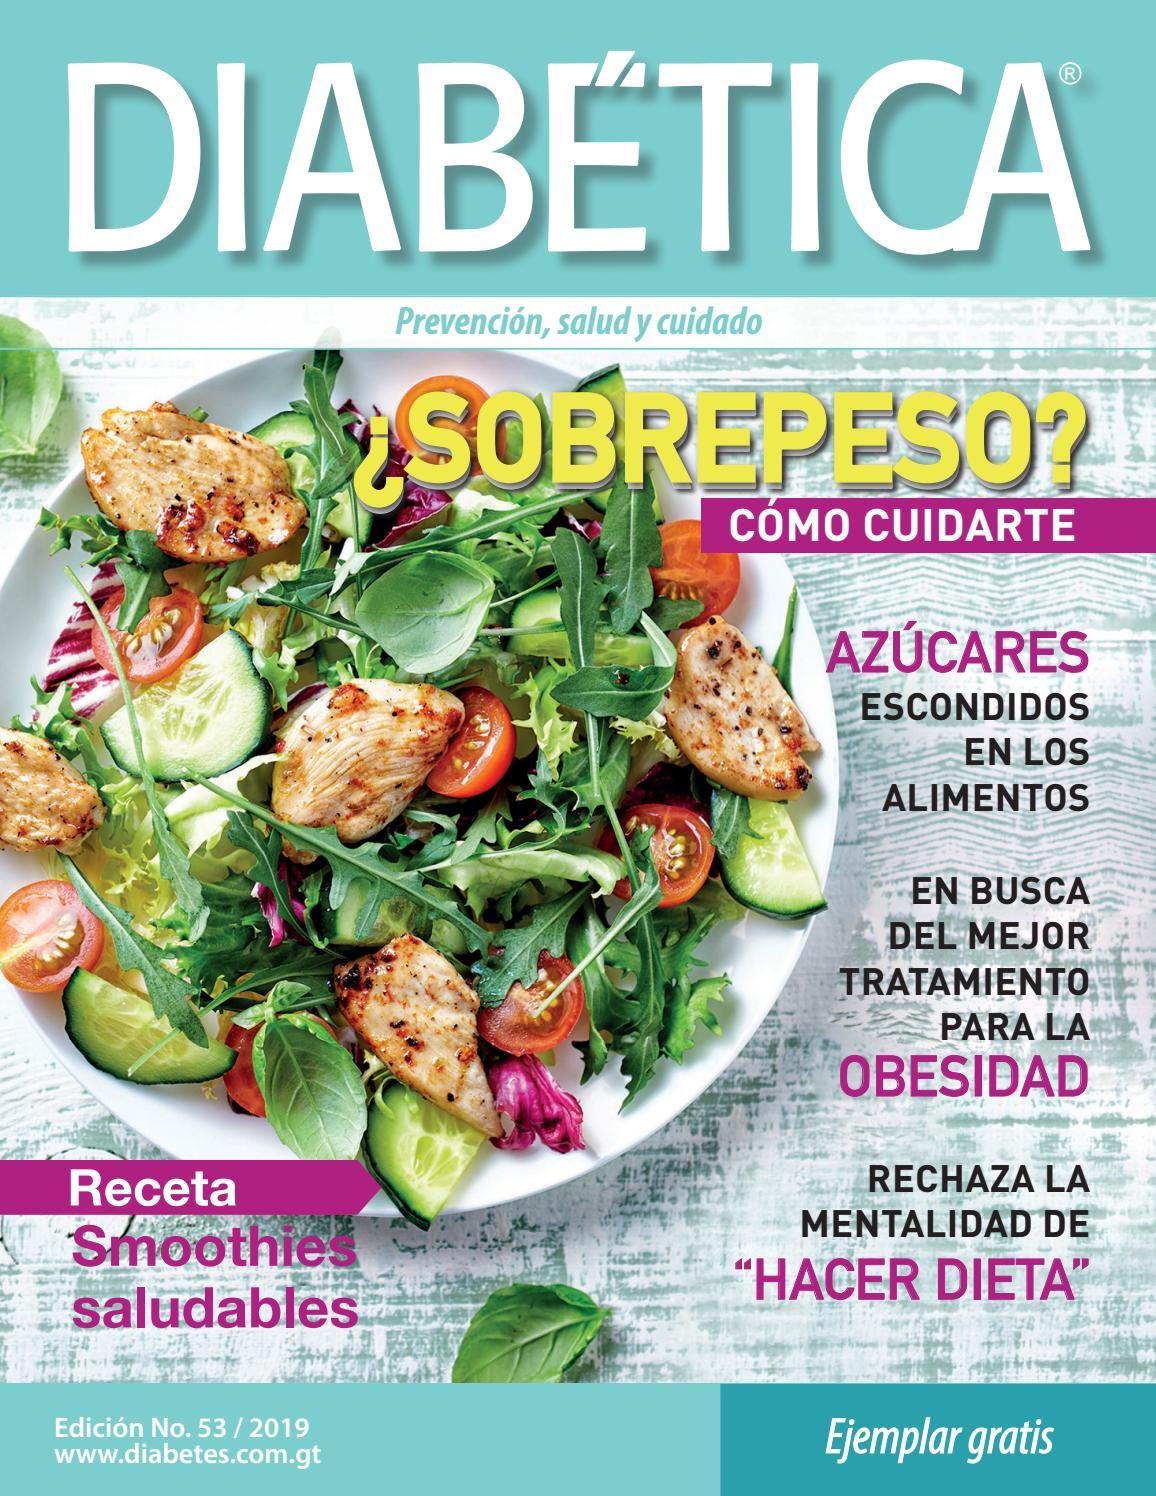 dos componentes básicos que forman los triglicéridos y la diabetes